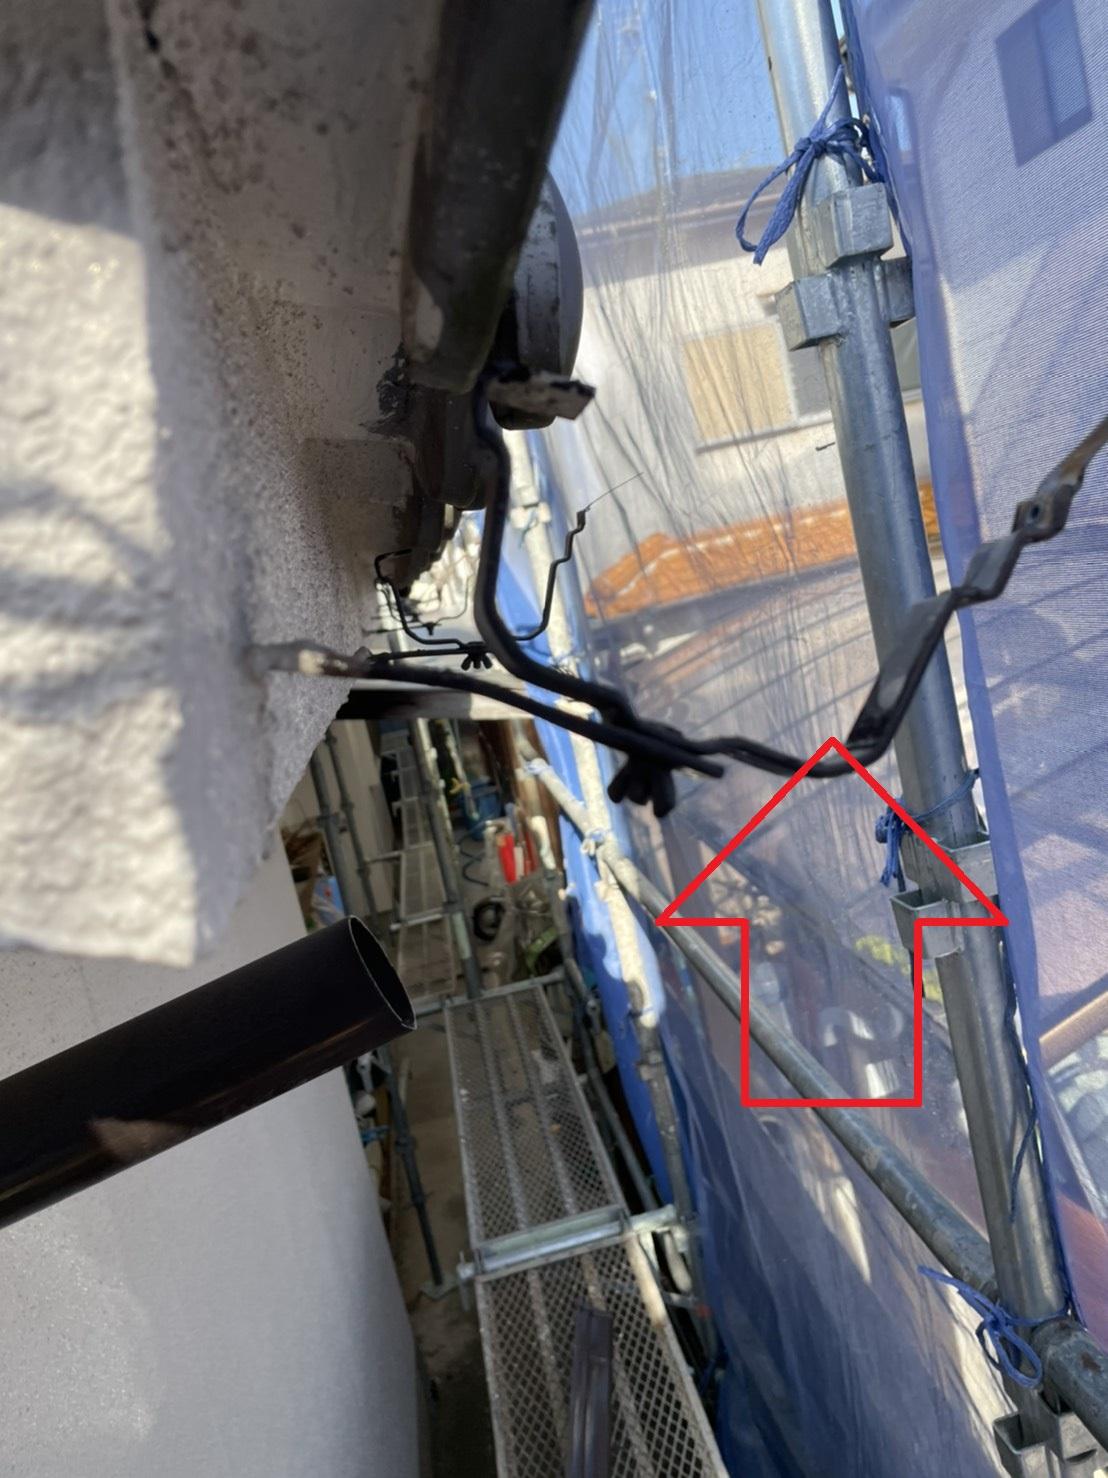 三木市での雨樋交換で軒樋を撤去し残された受け金具の様子